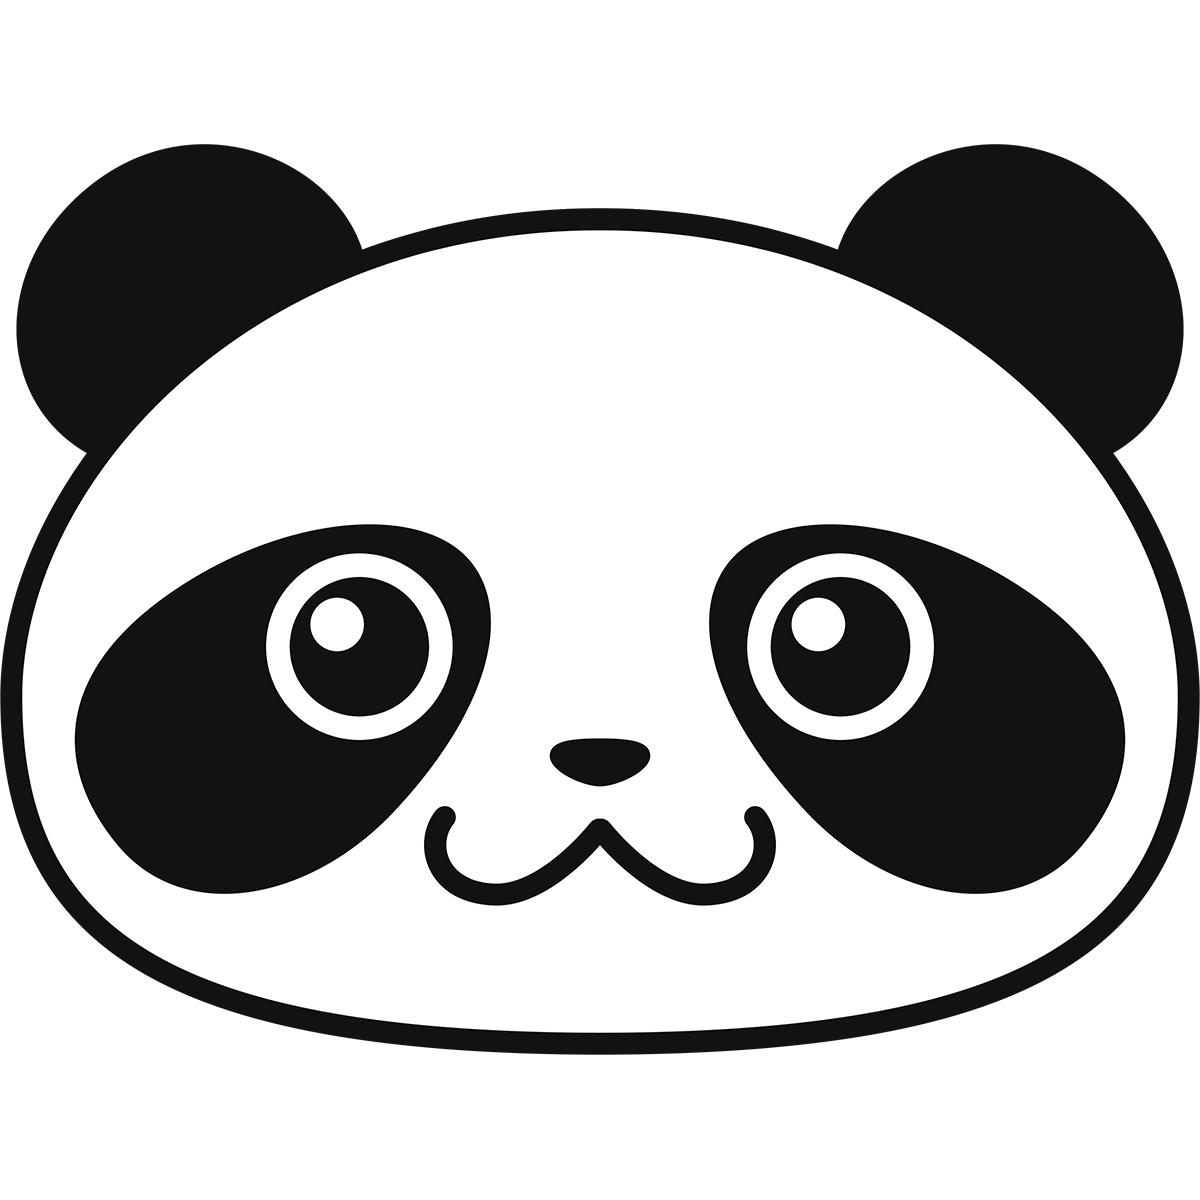 パンダの顔の無料イラスト